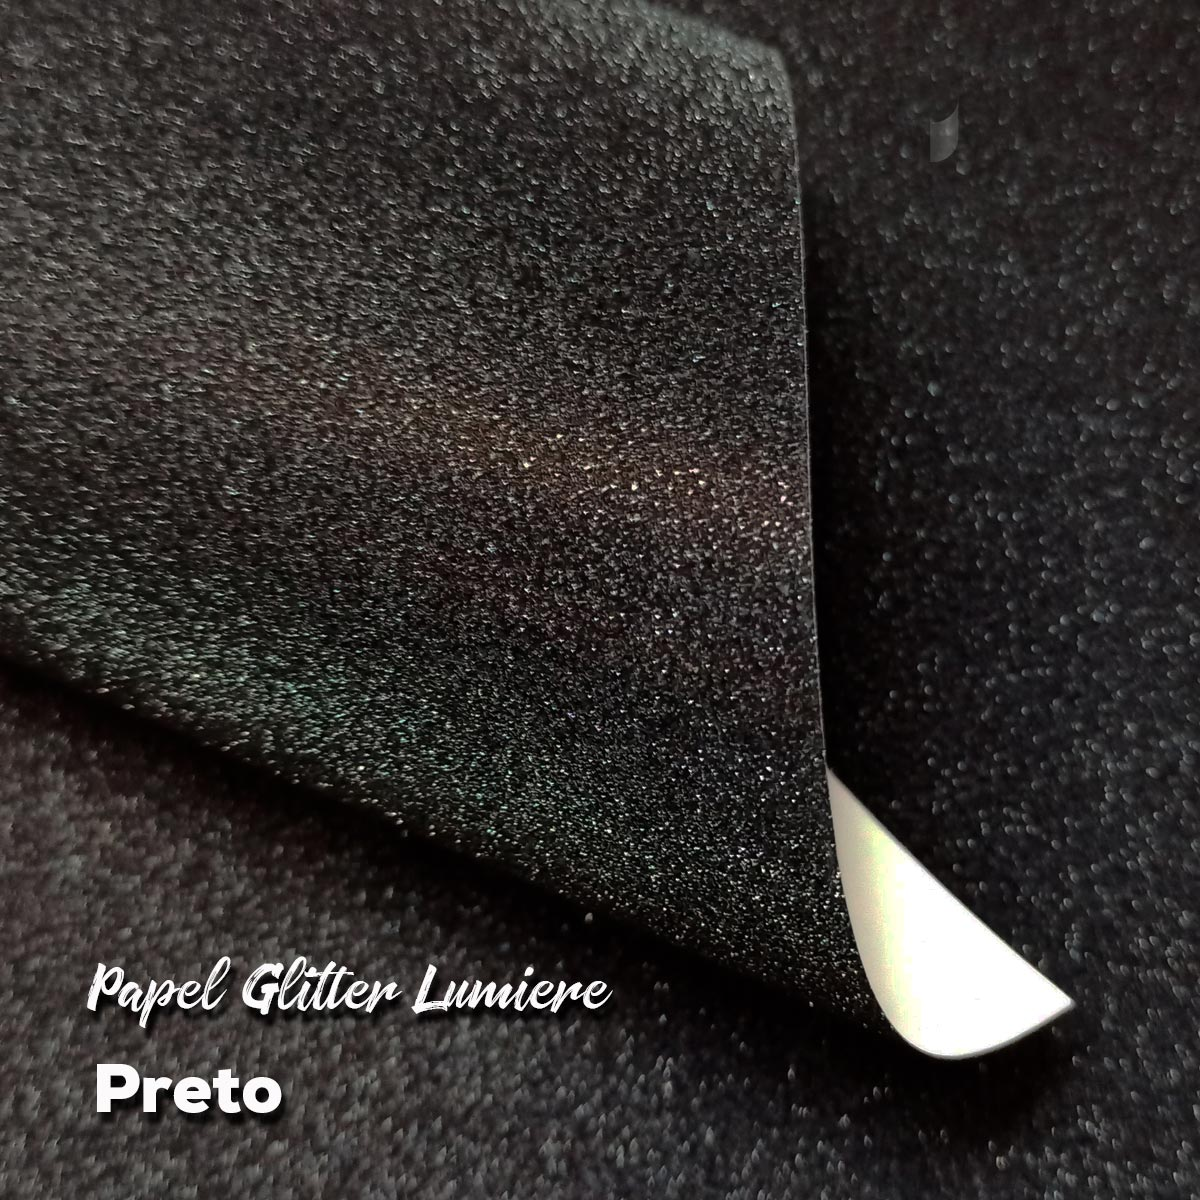 Papel Glitter Preto 150g - Preto 30,5x30,5cm com 6 folhas